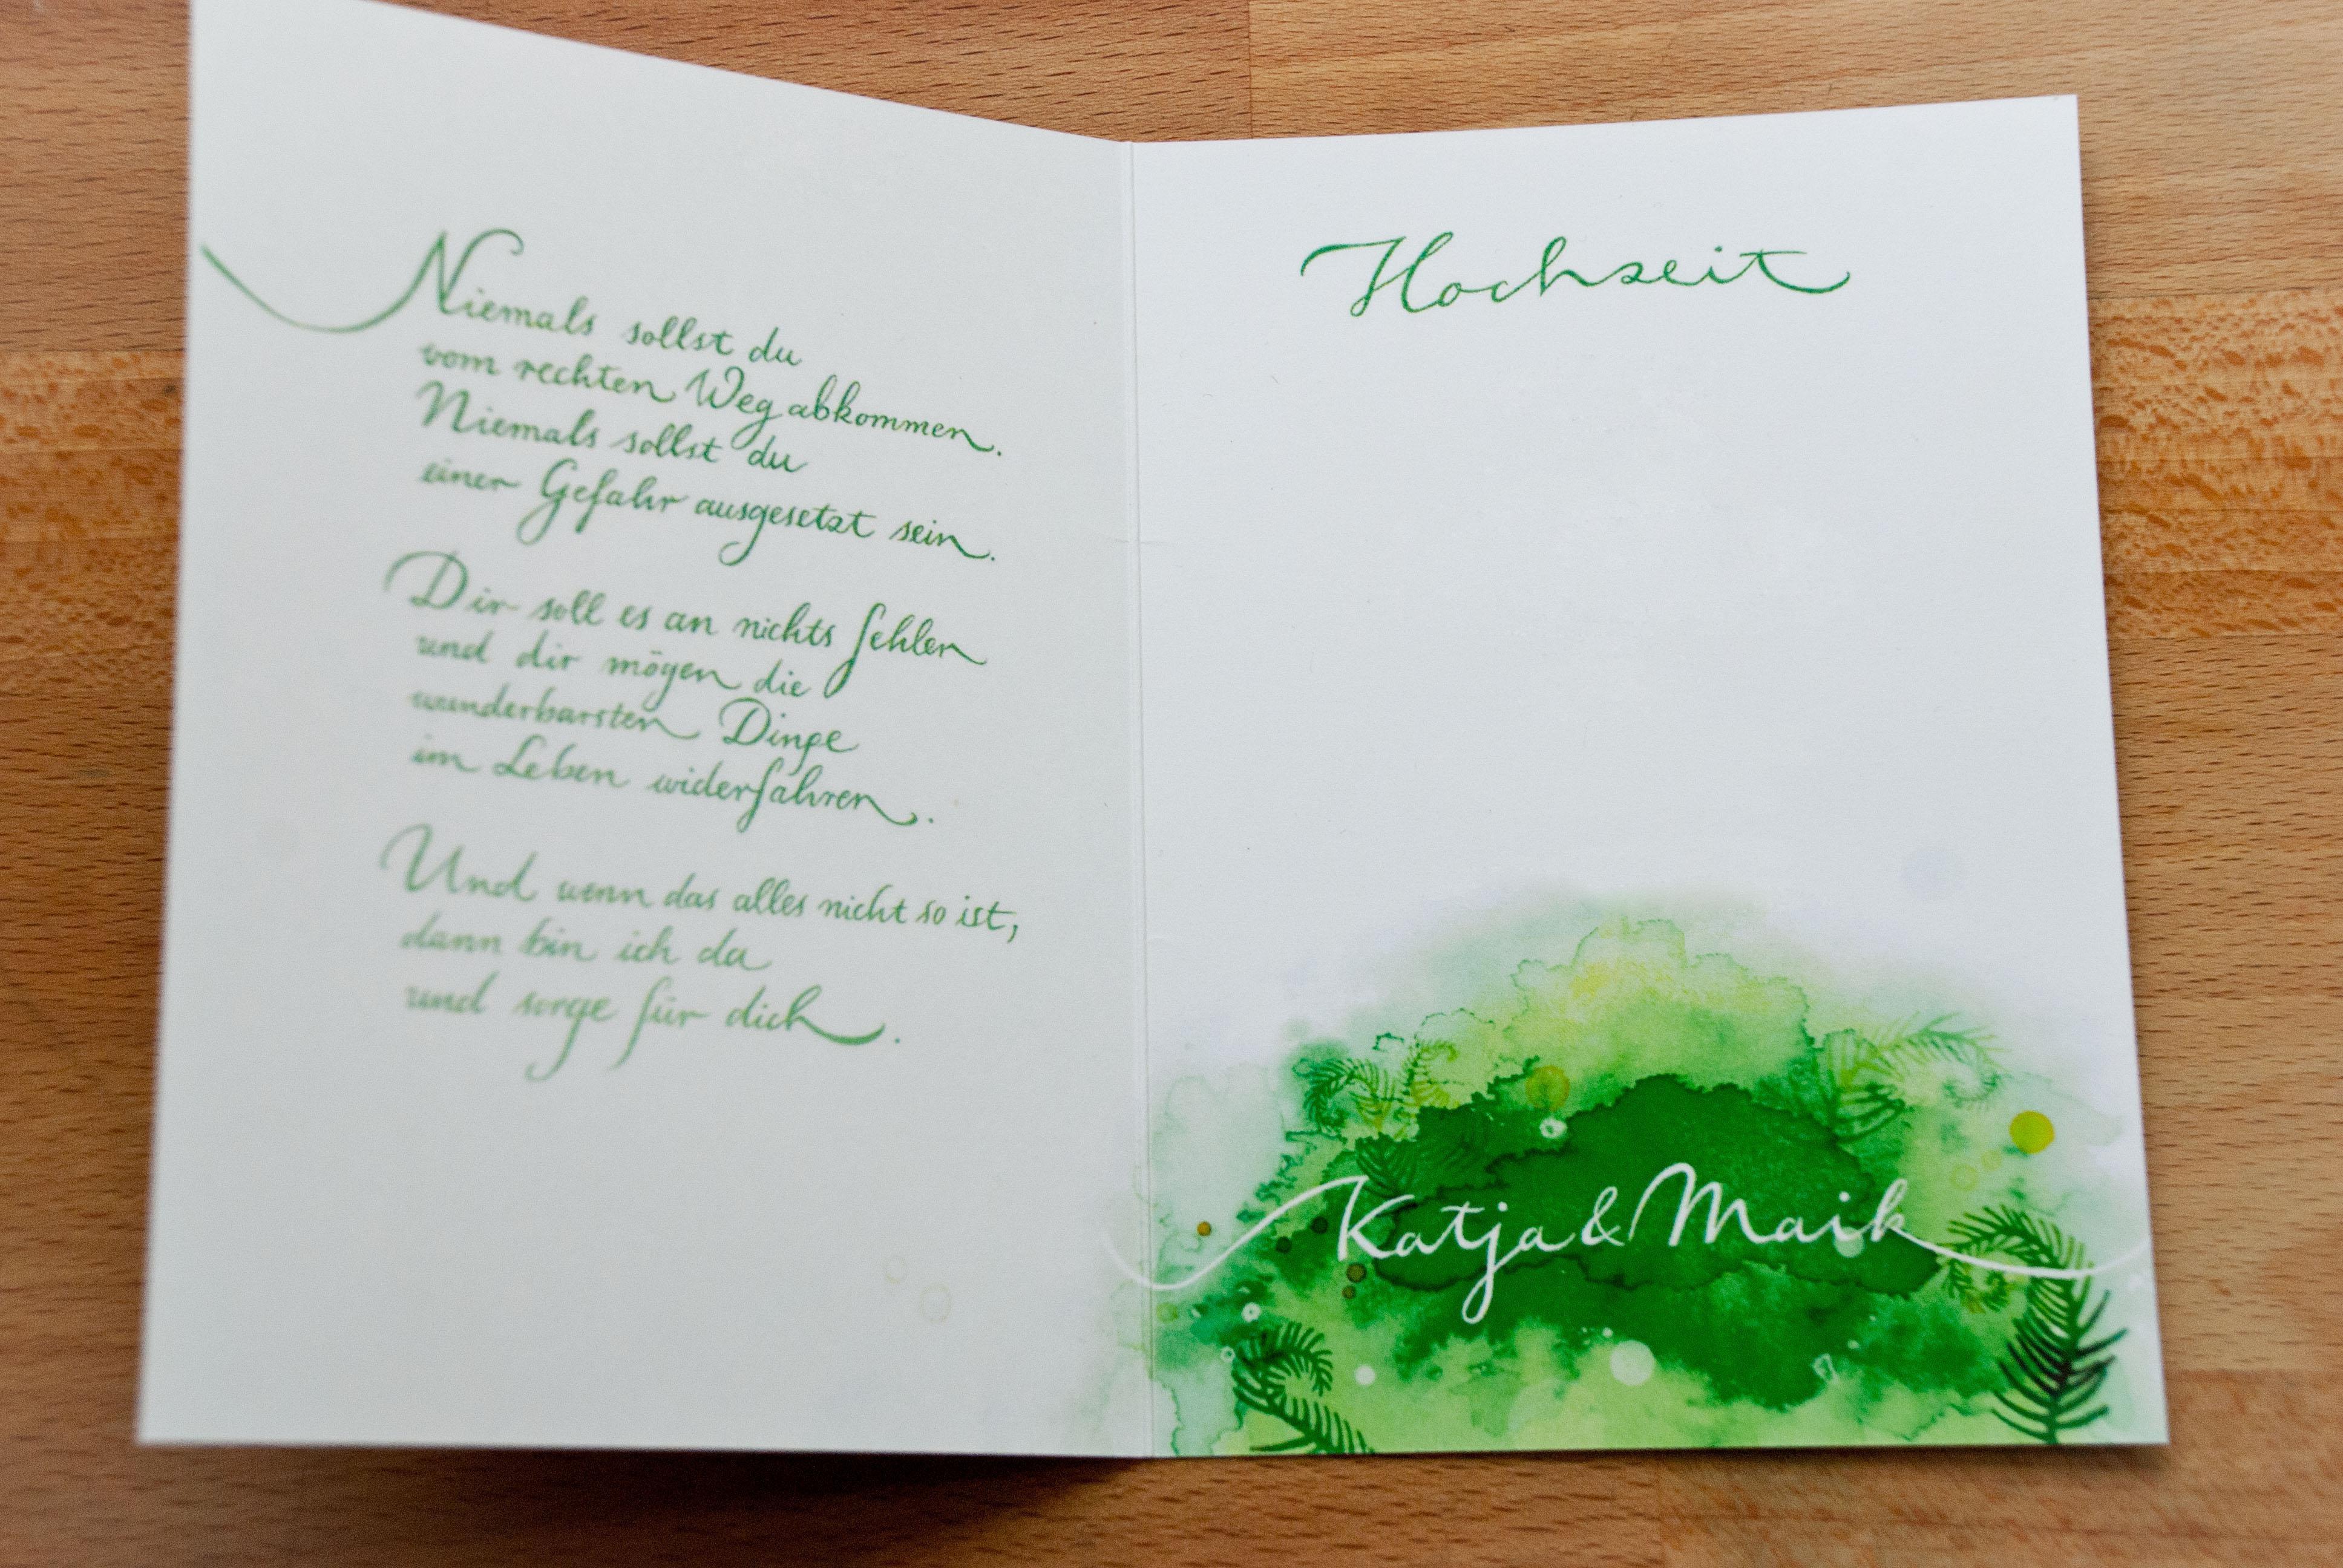 Hochzeit Einladungskarten Text  Einladungskarten Hochzeit Text